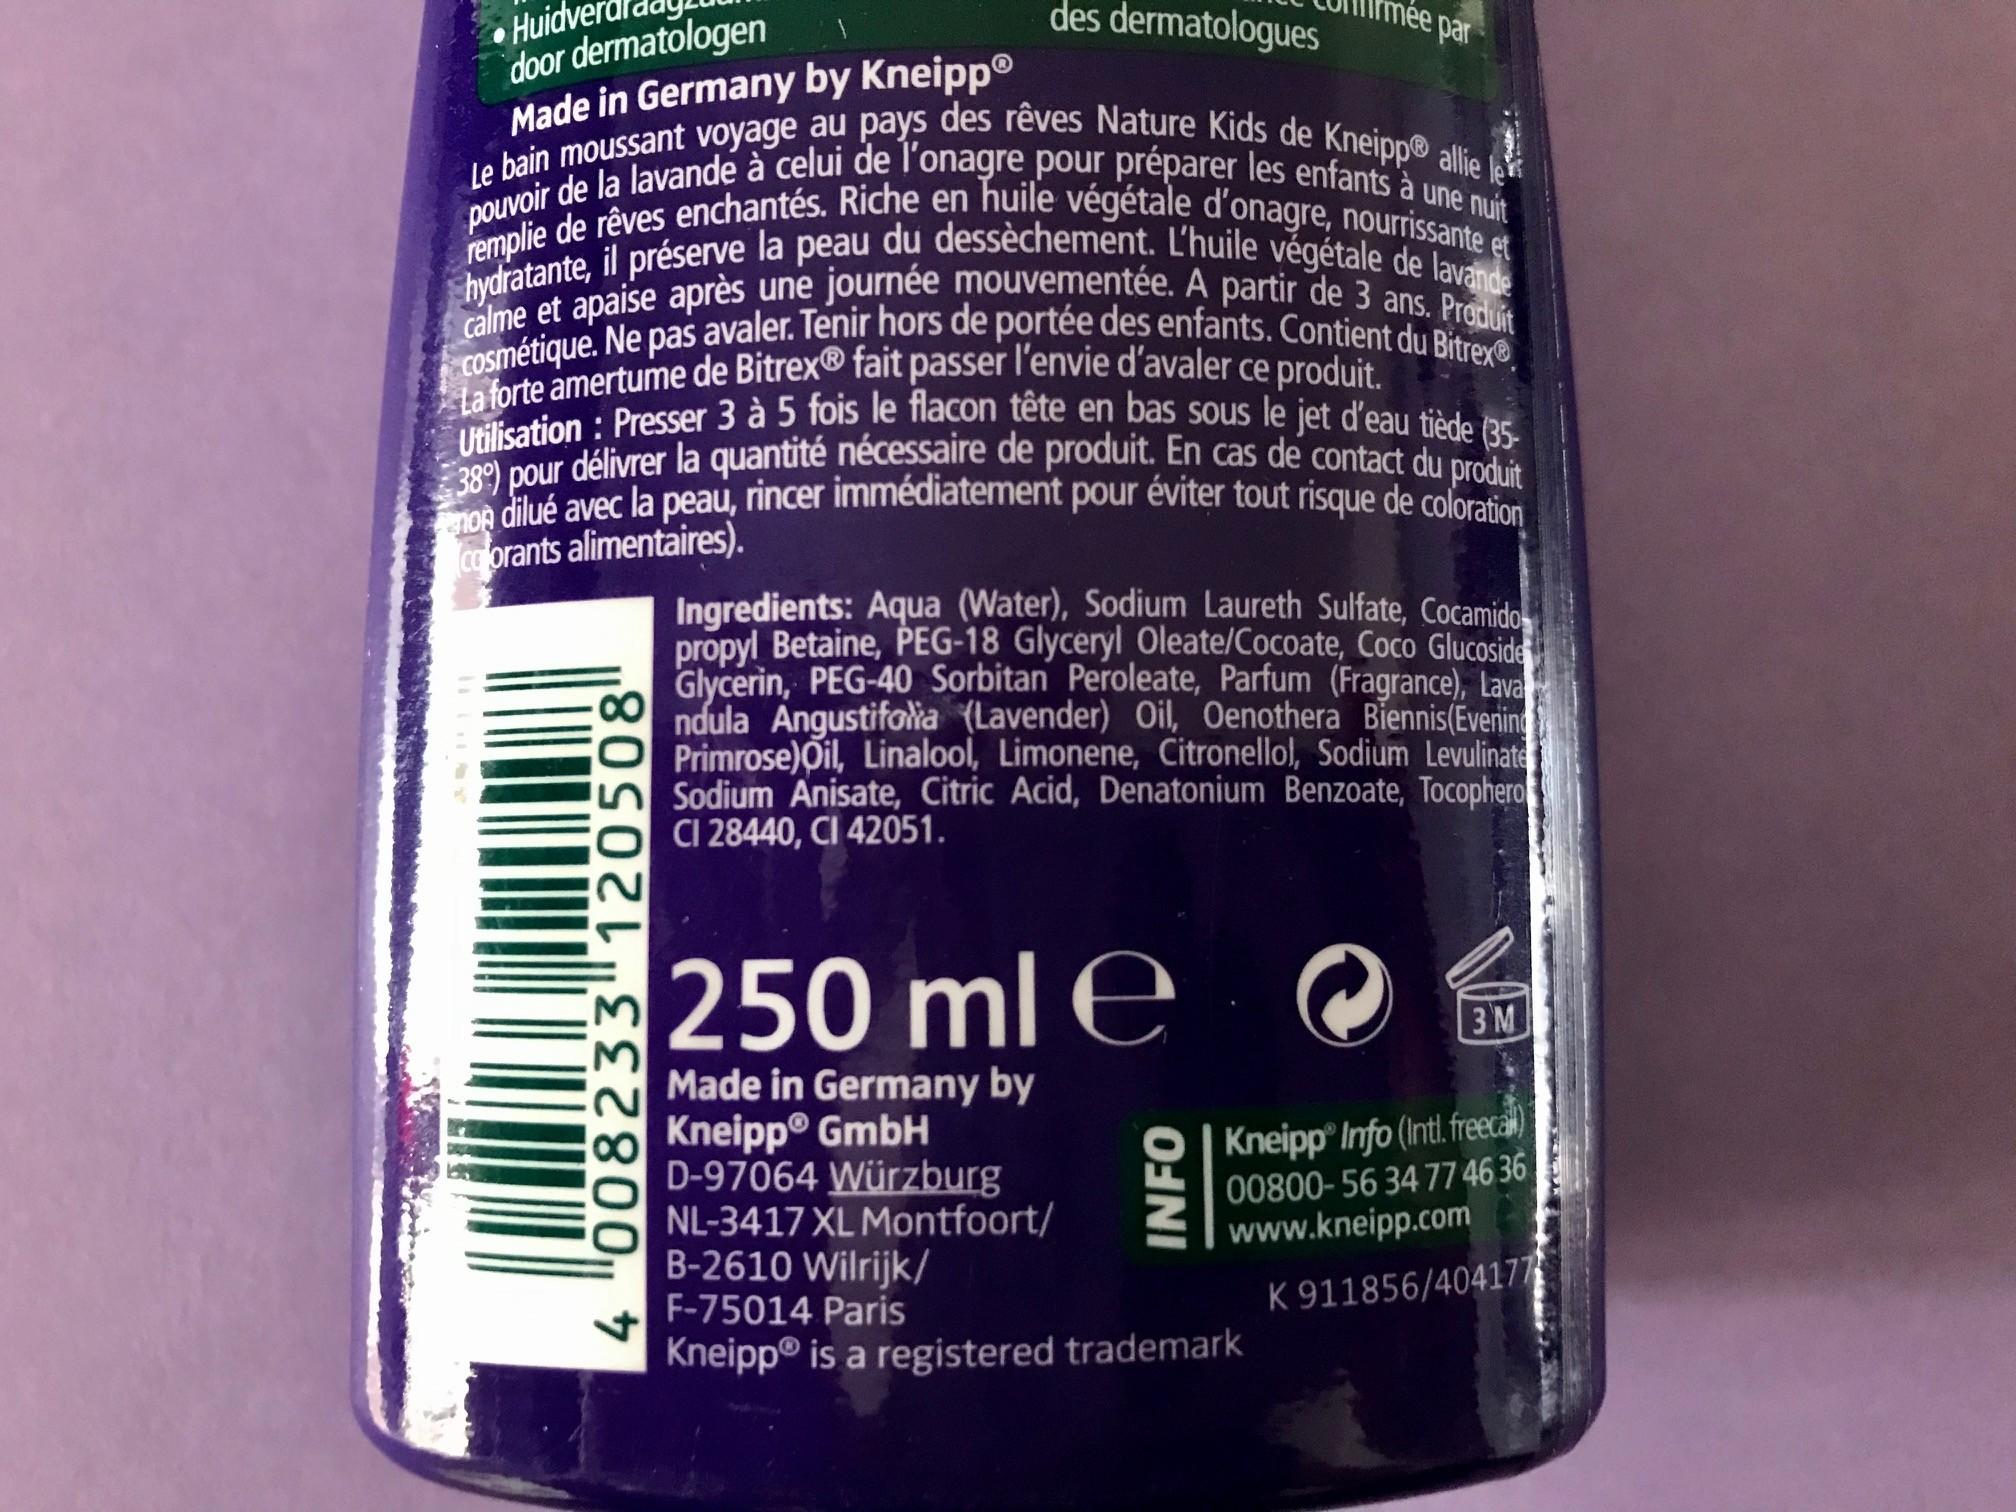 ingredienten kneipp droomreis badschuim